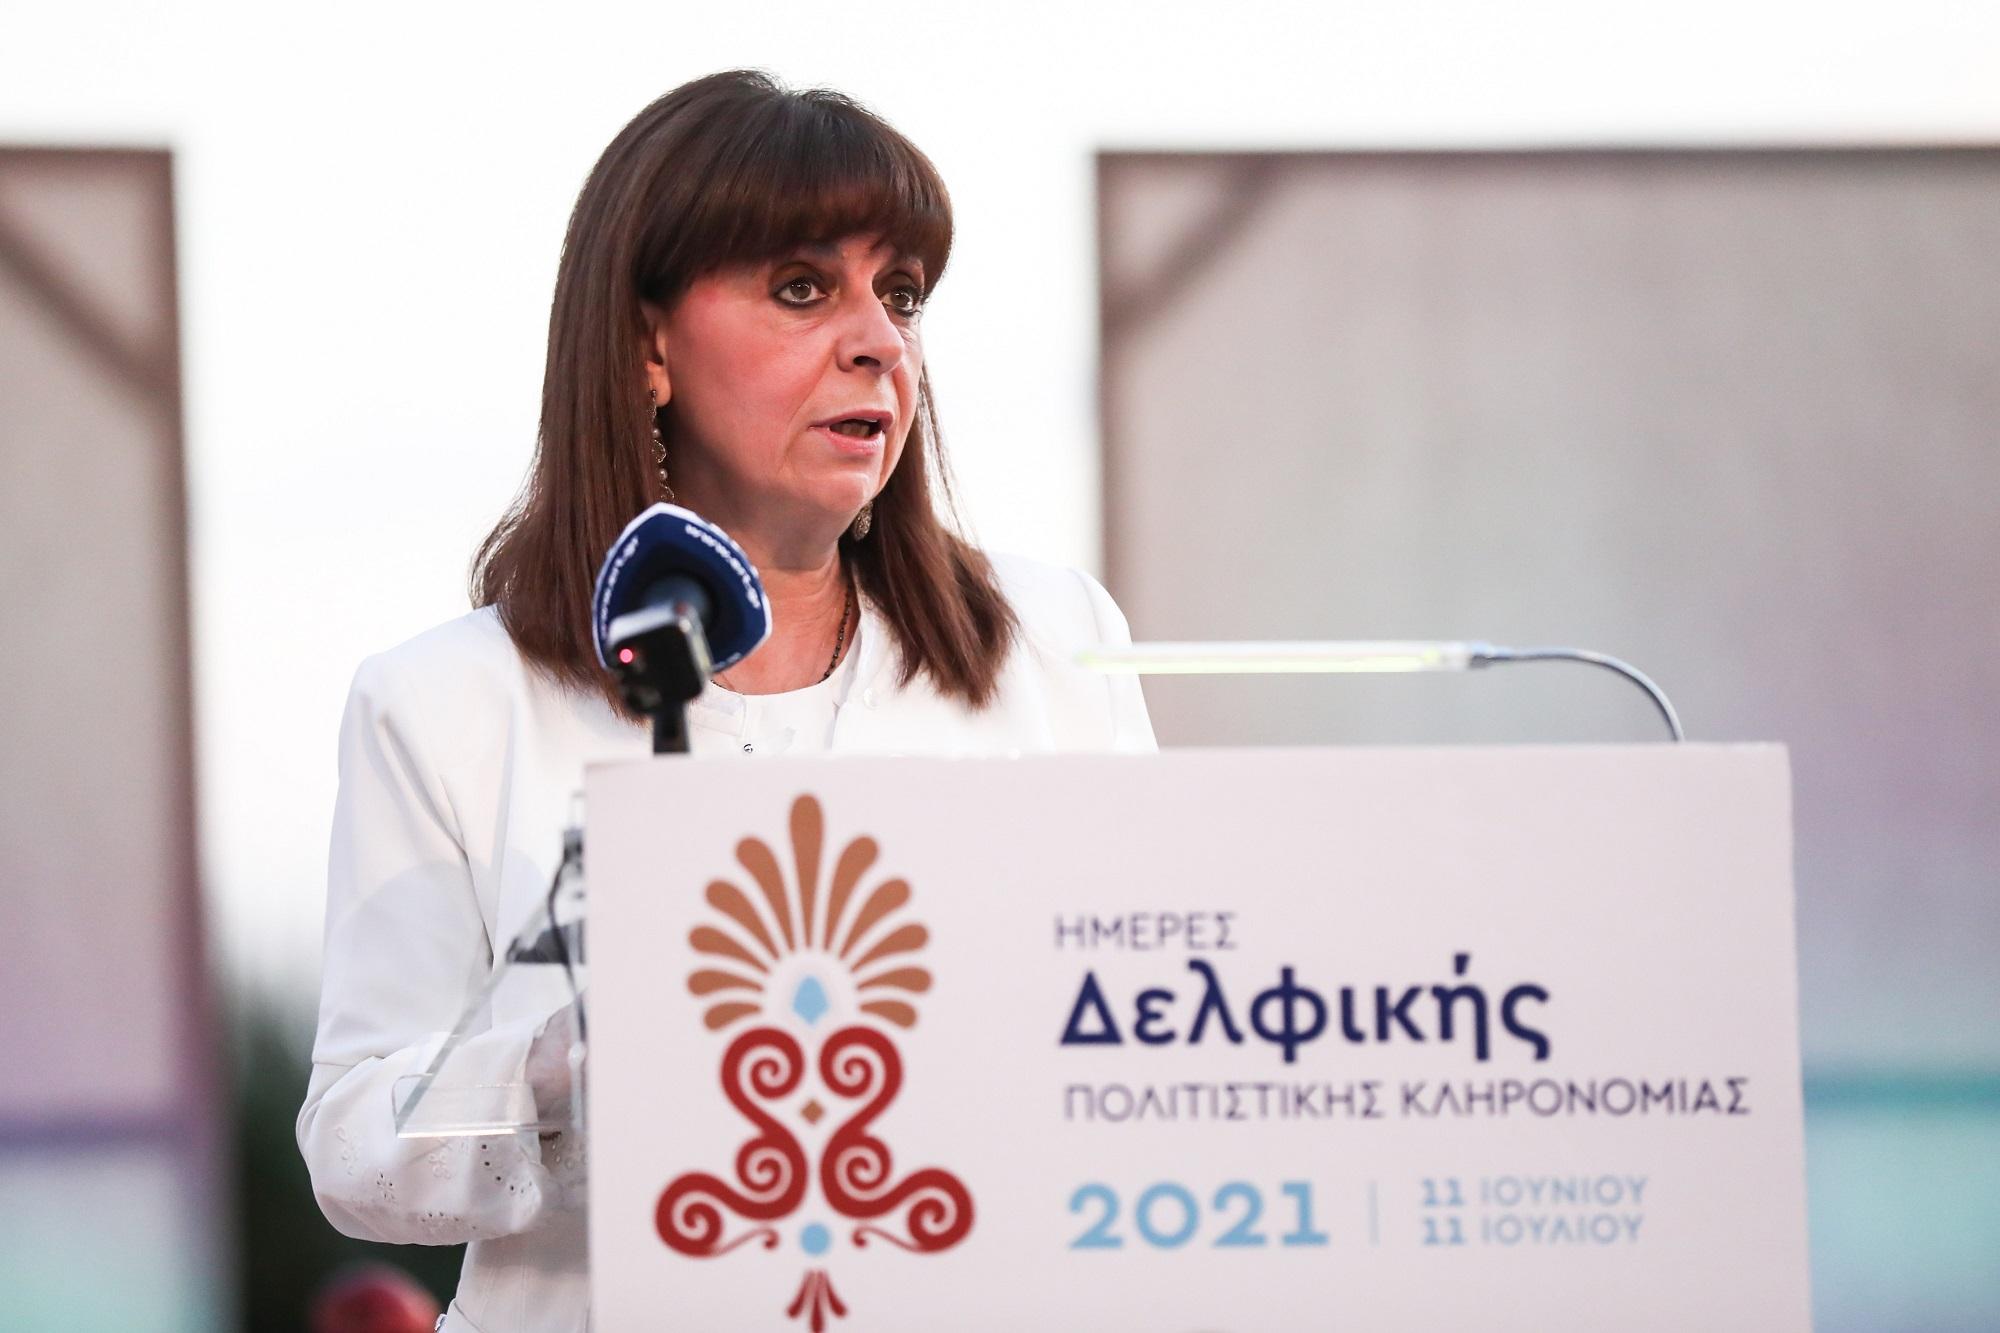 Βασιλόπουλος: Να γίνει υποχρεωτικός ο εμβολιασμός των υγειονομικών